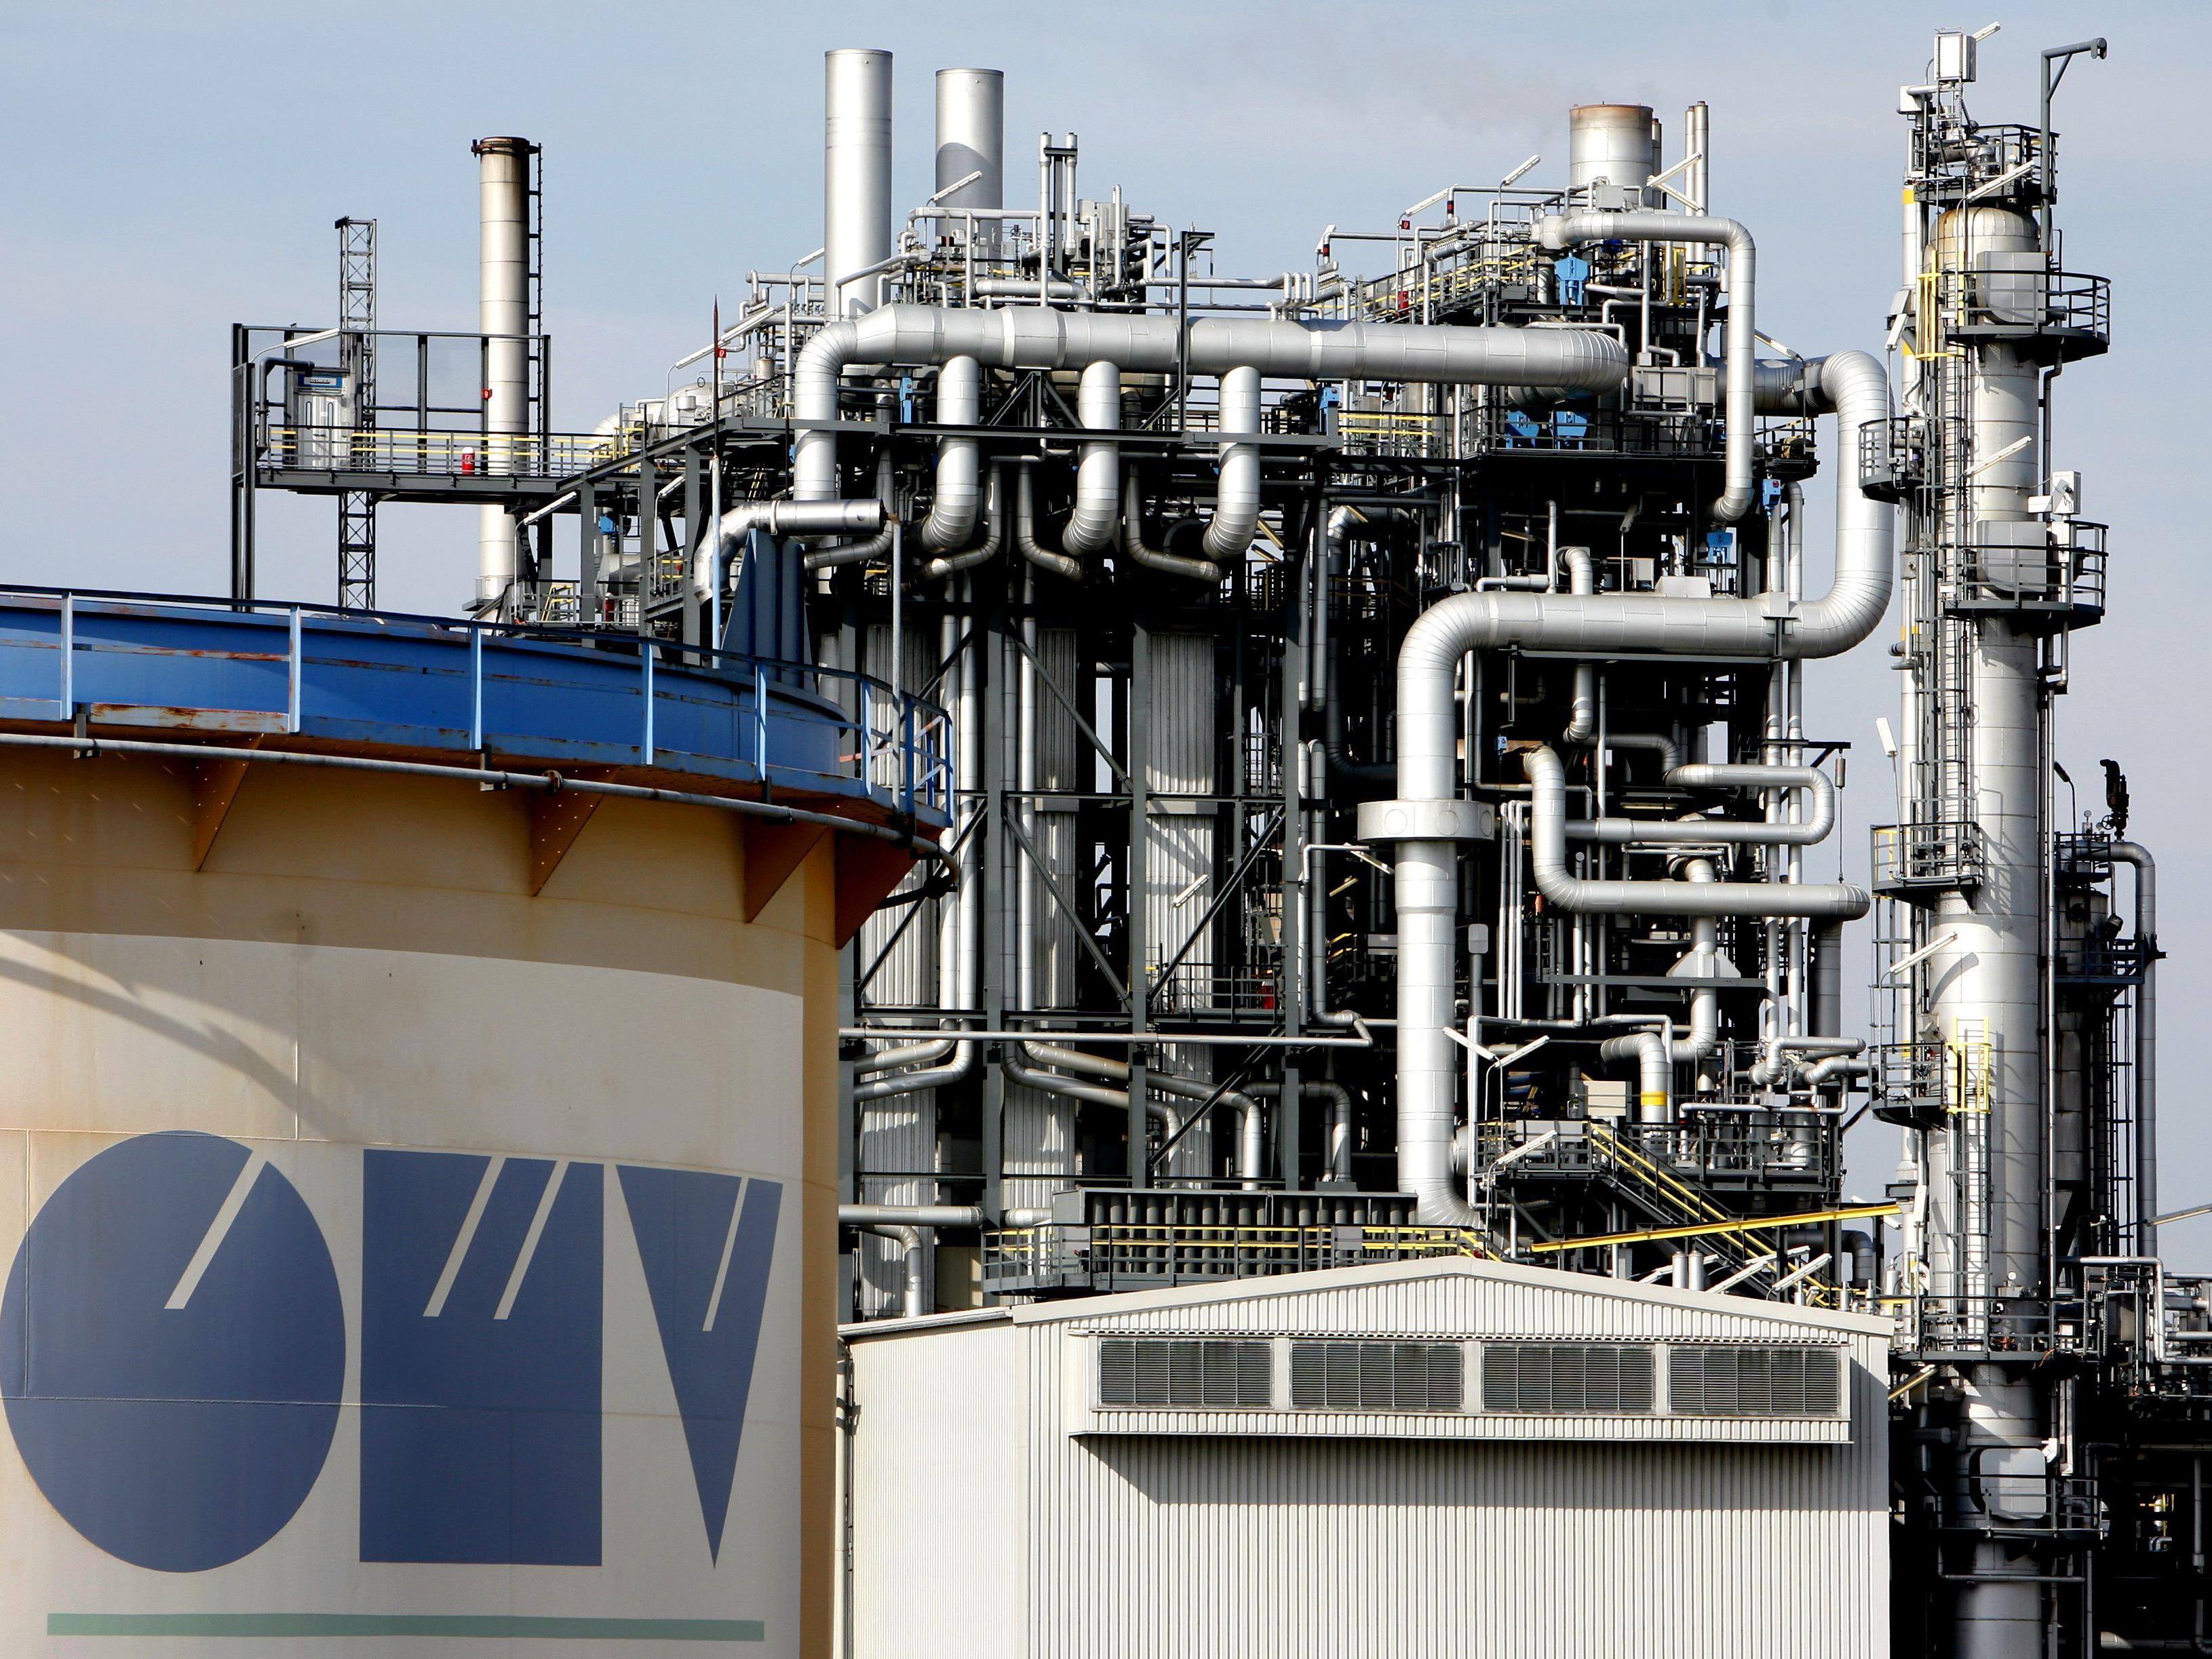 Laut OMV handelte es sich um ein reguläres Verfahren zu Sicherheitszwecken.